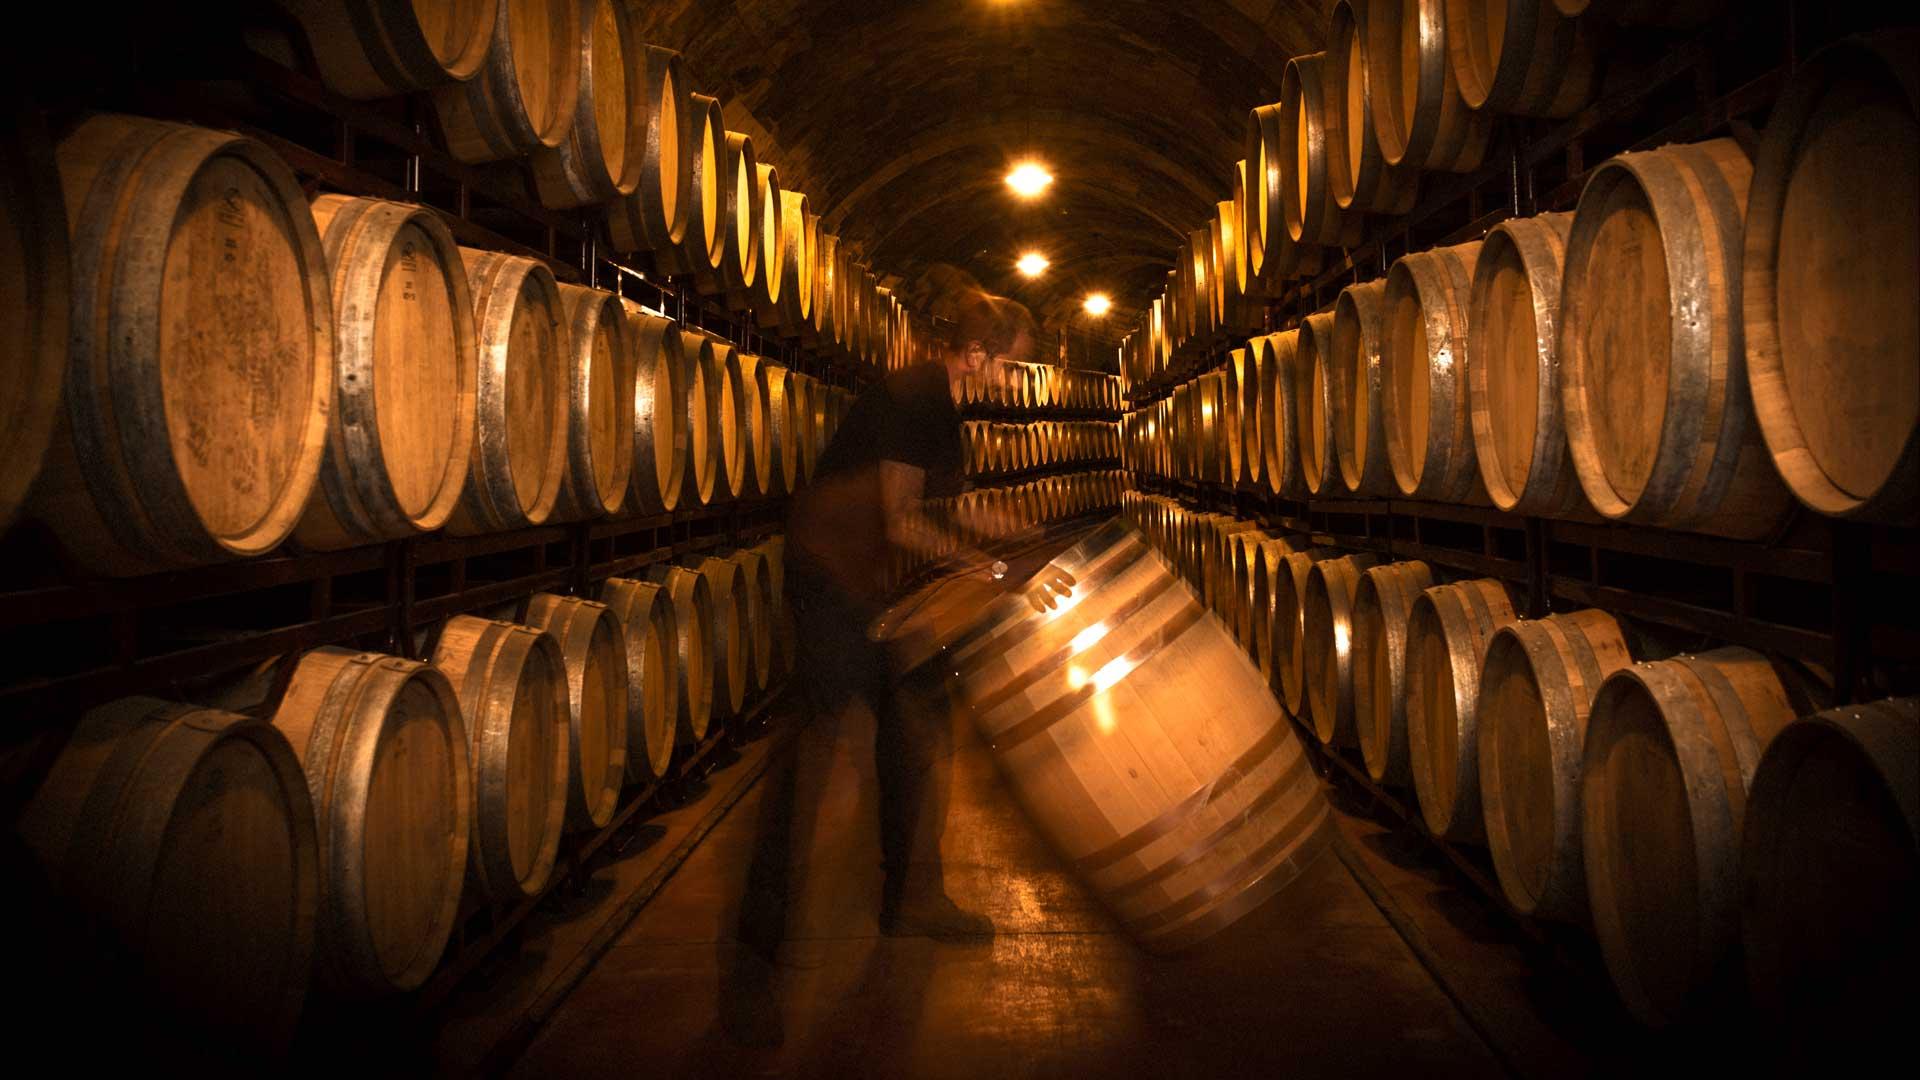 Bodegas vinicola vraie salle de barrique